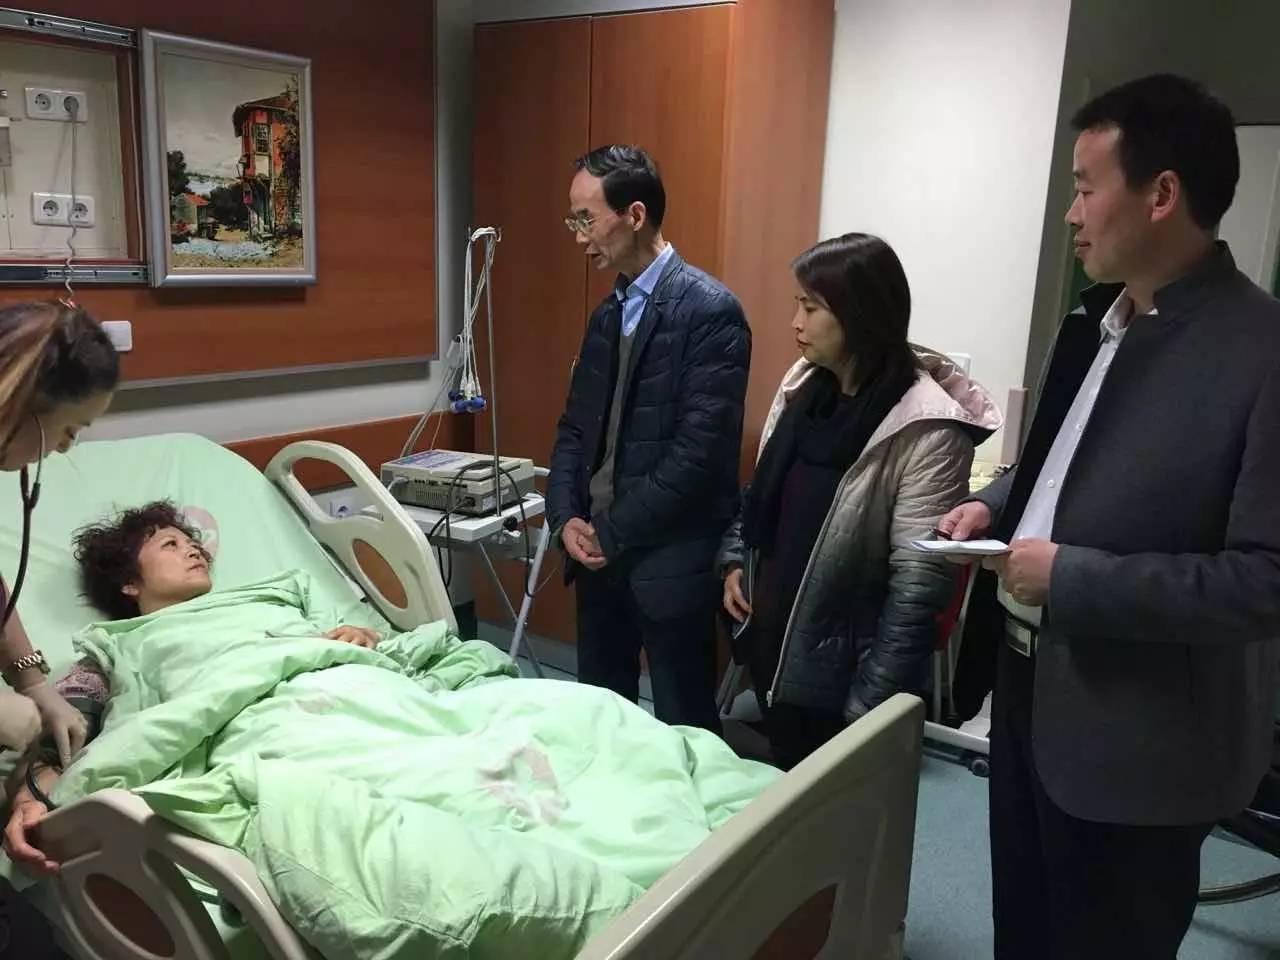 中国驻土耳其使馆全力协调热气球事故中受伤中国公民救治工作